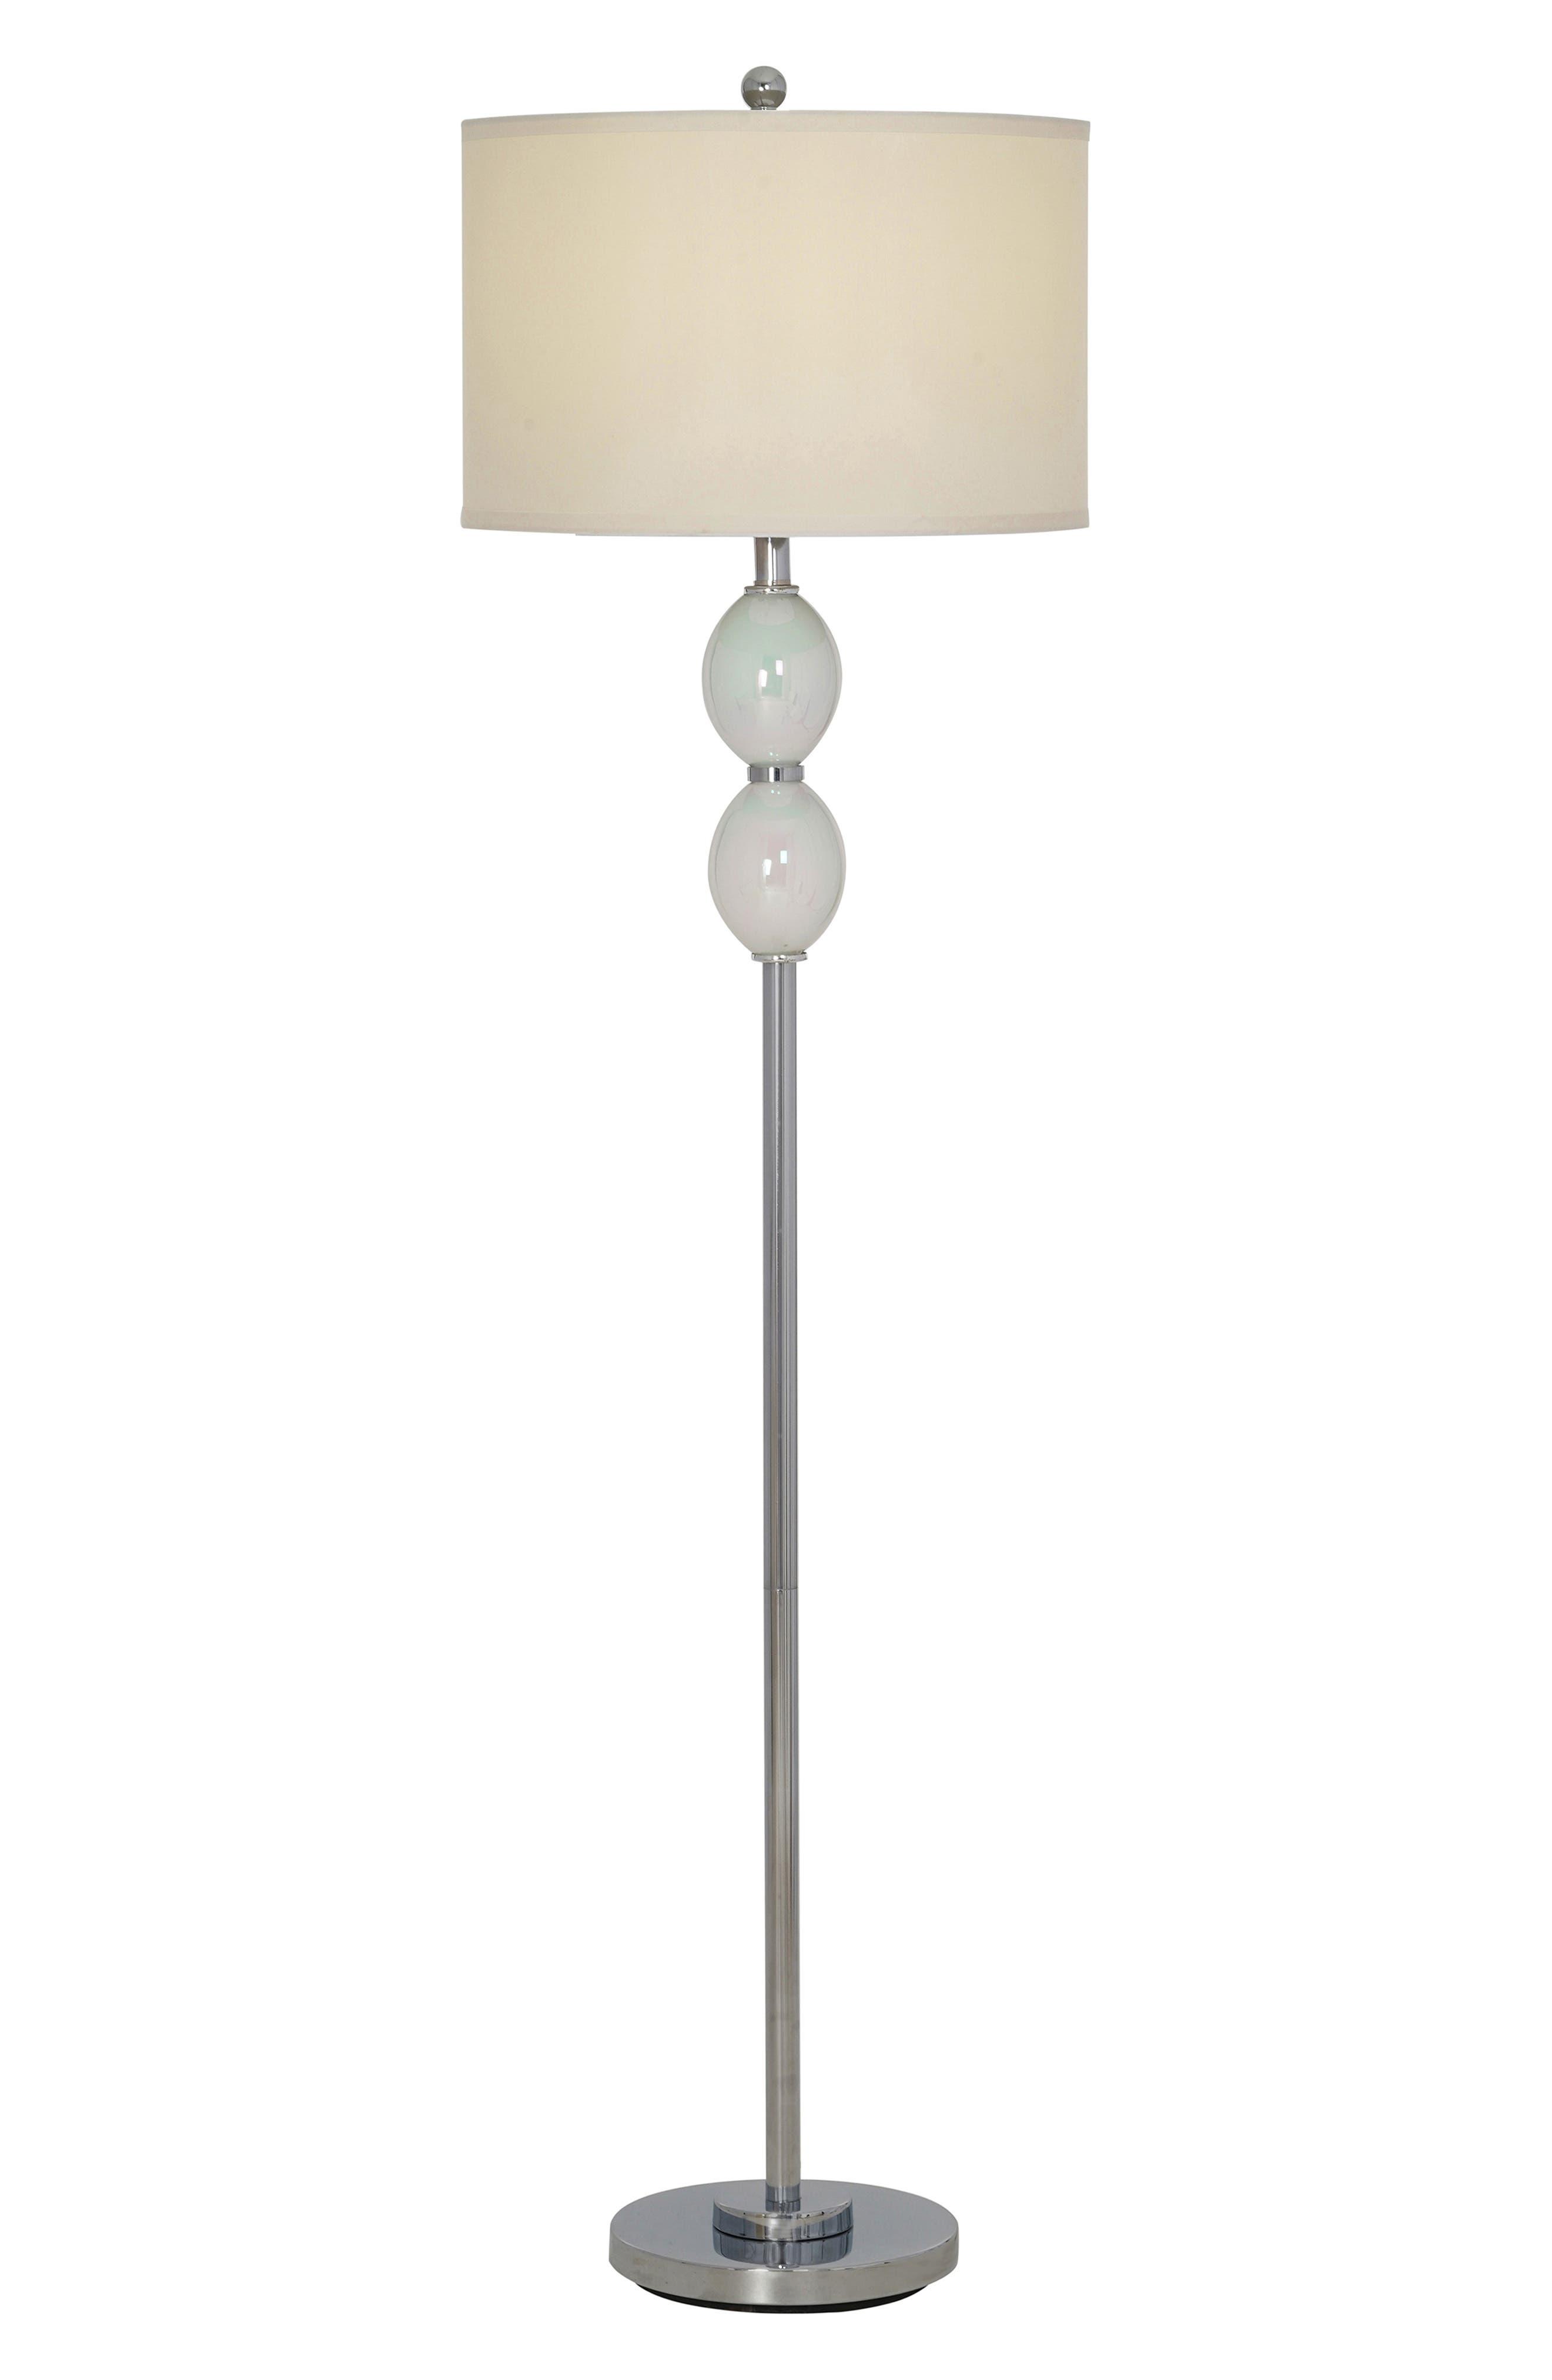 Jalexander Lighting Lola Floor Lamp Size One Size  White